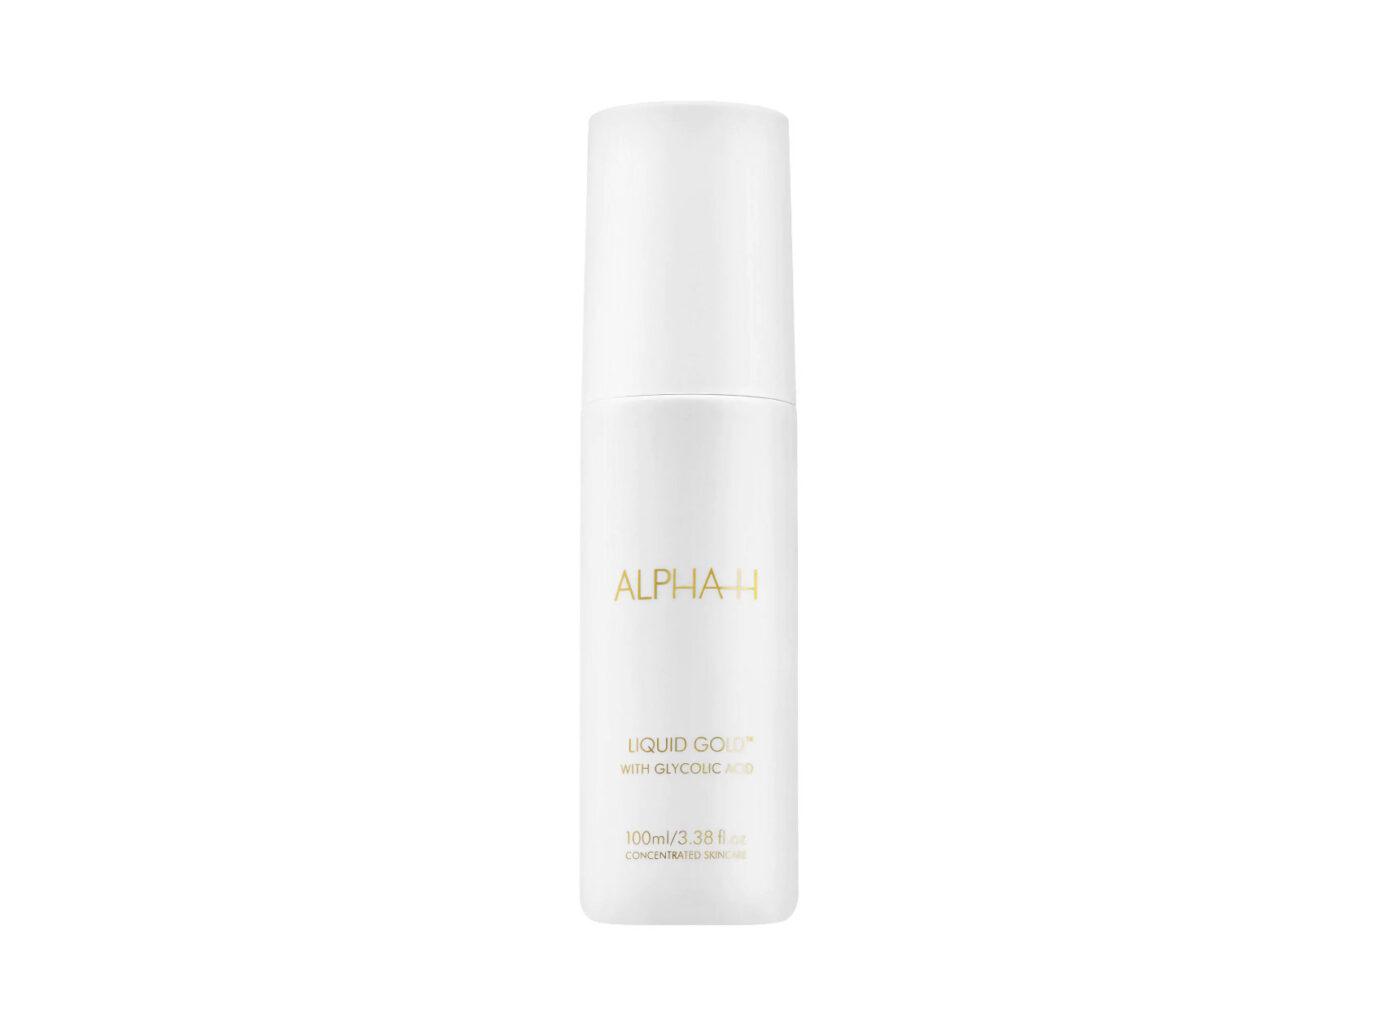 Alpha-H Liquid Gold Facial Treatment